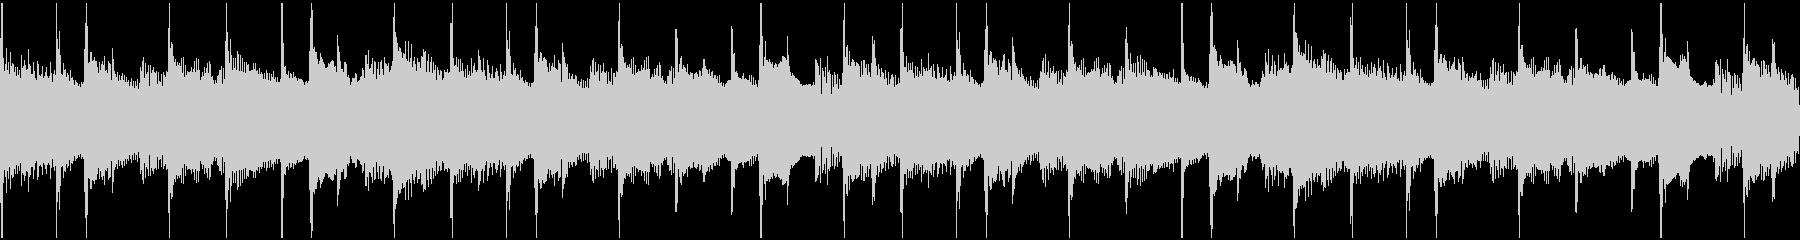 淡々と流れる無機質なBGM(ループ)の未再生の波形